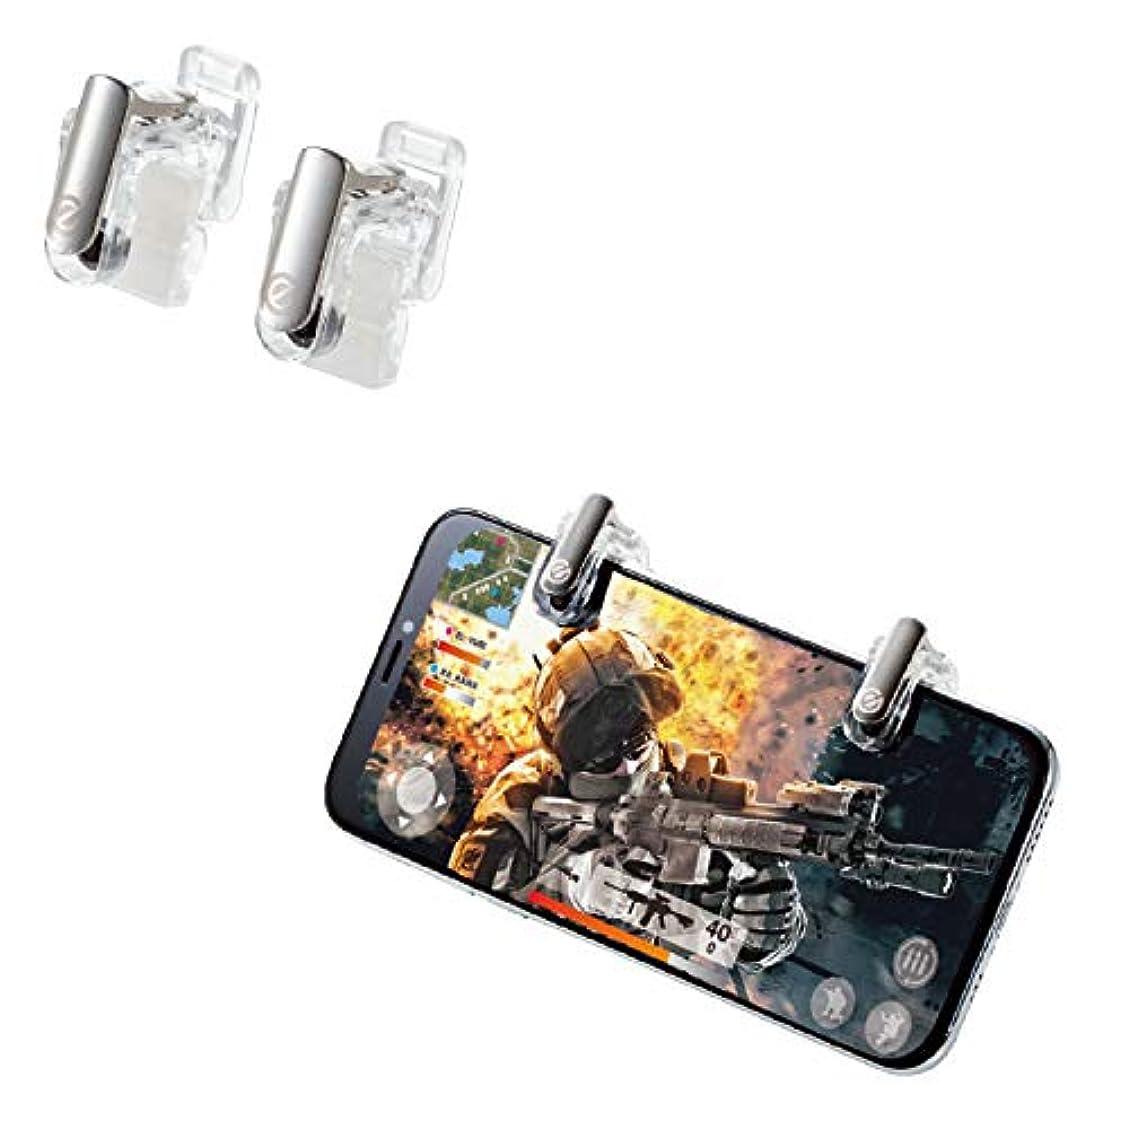 無心モールス信号ますますエレコム 荒野行動 PUBGMobile スマホ用ゲームコントローラー 射撃ボタン 2ボタン分離型 4.0~6.5インチ iPhone/Android クリア P-GMFS2B01CRT